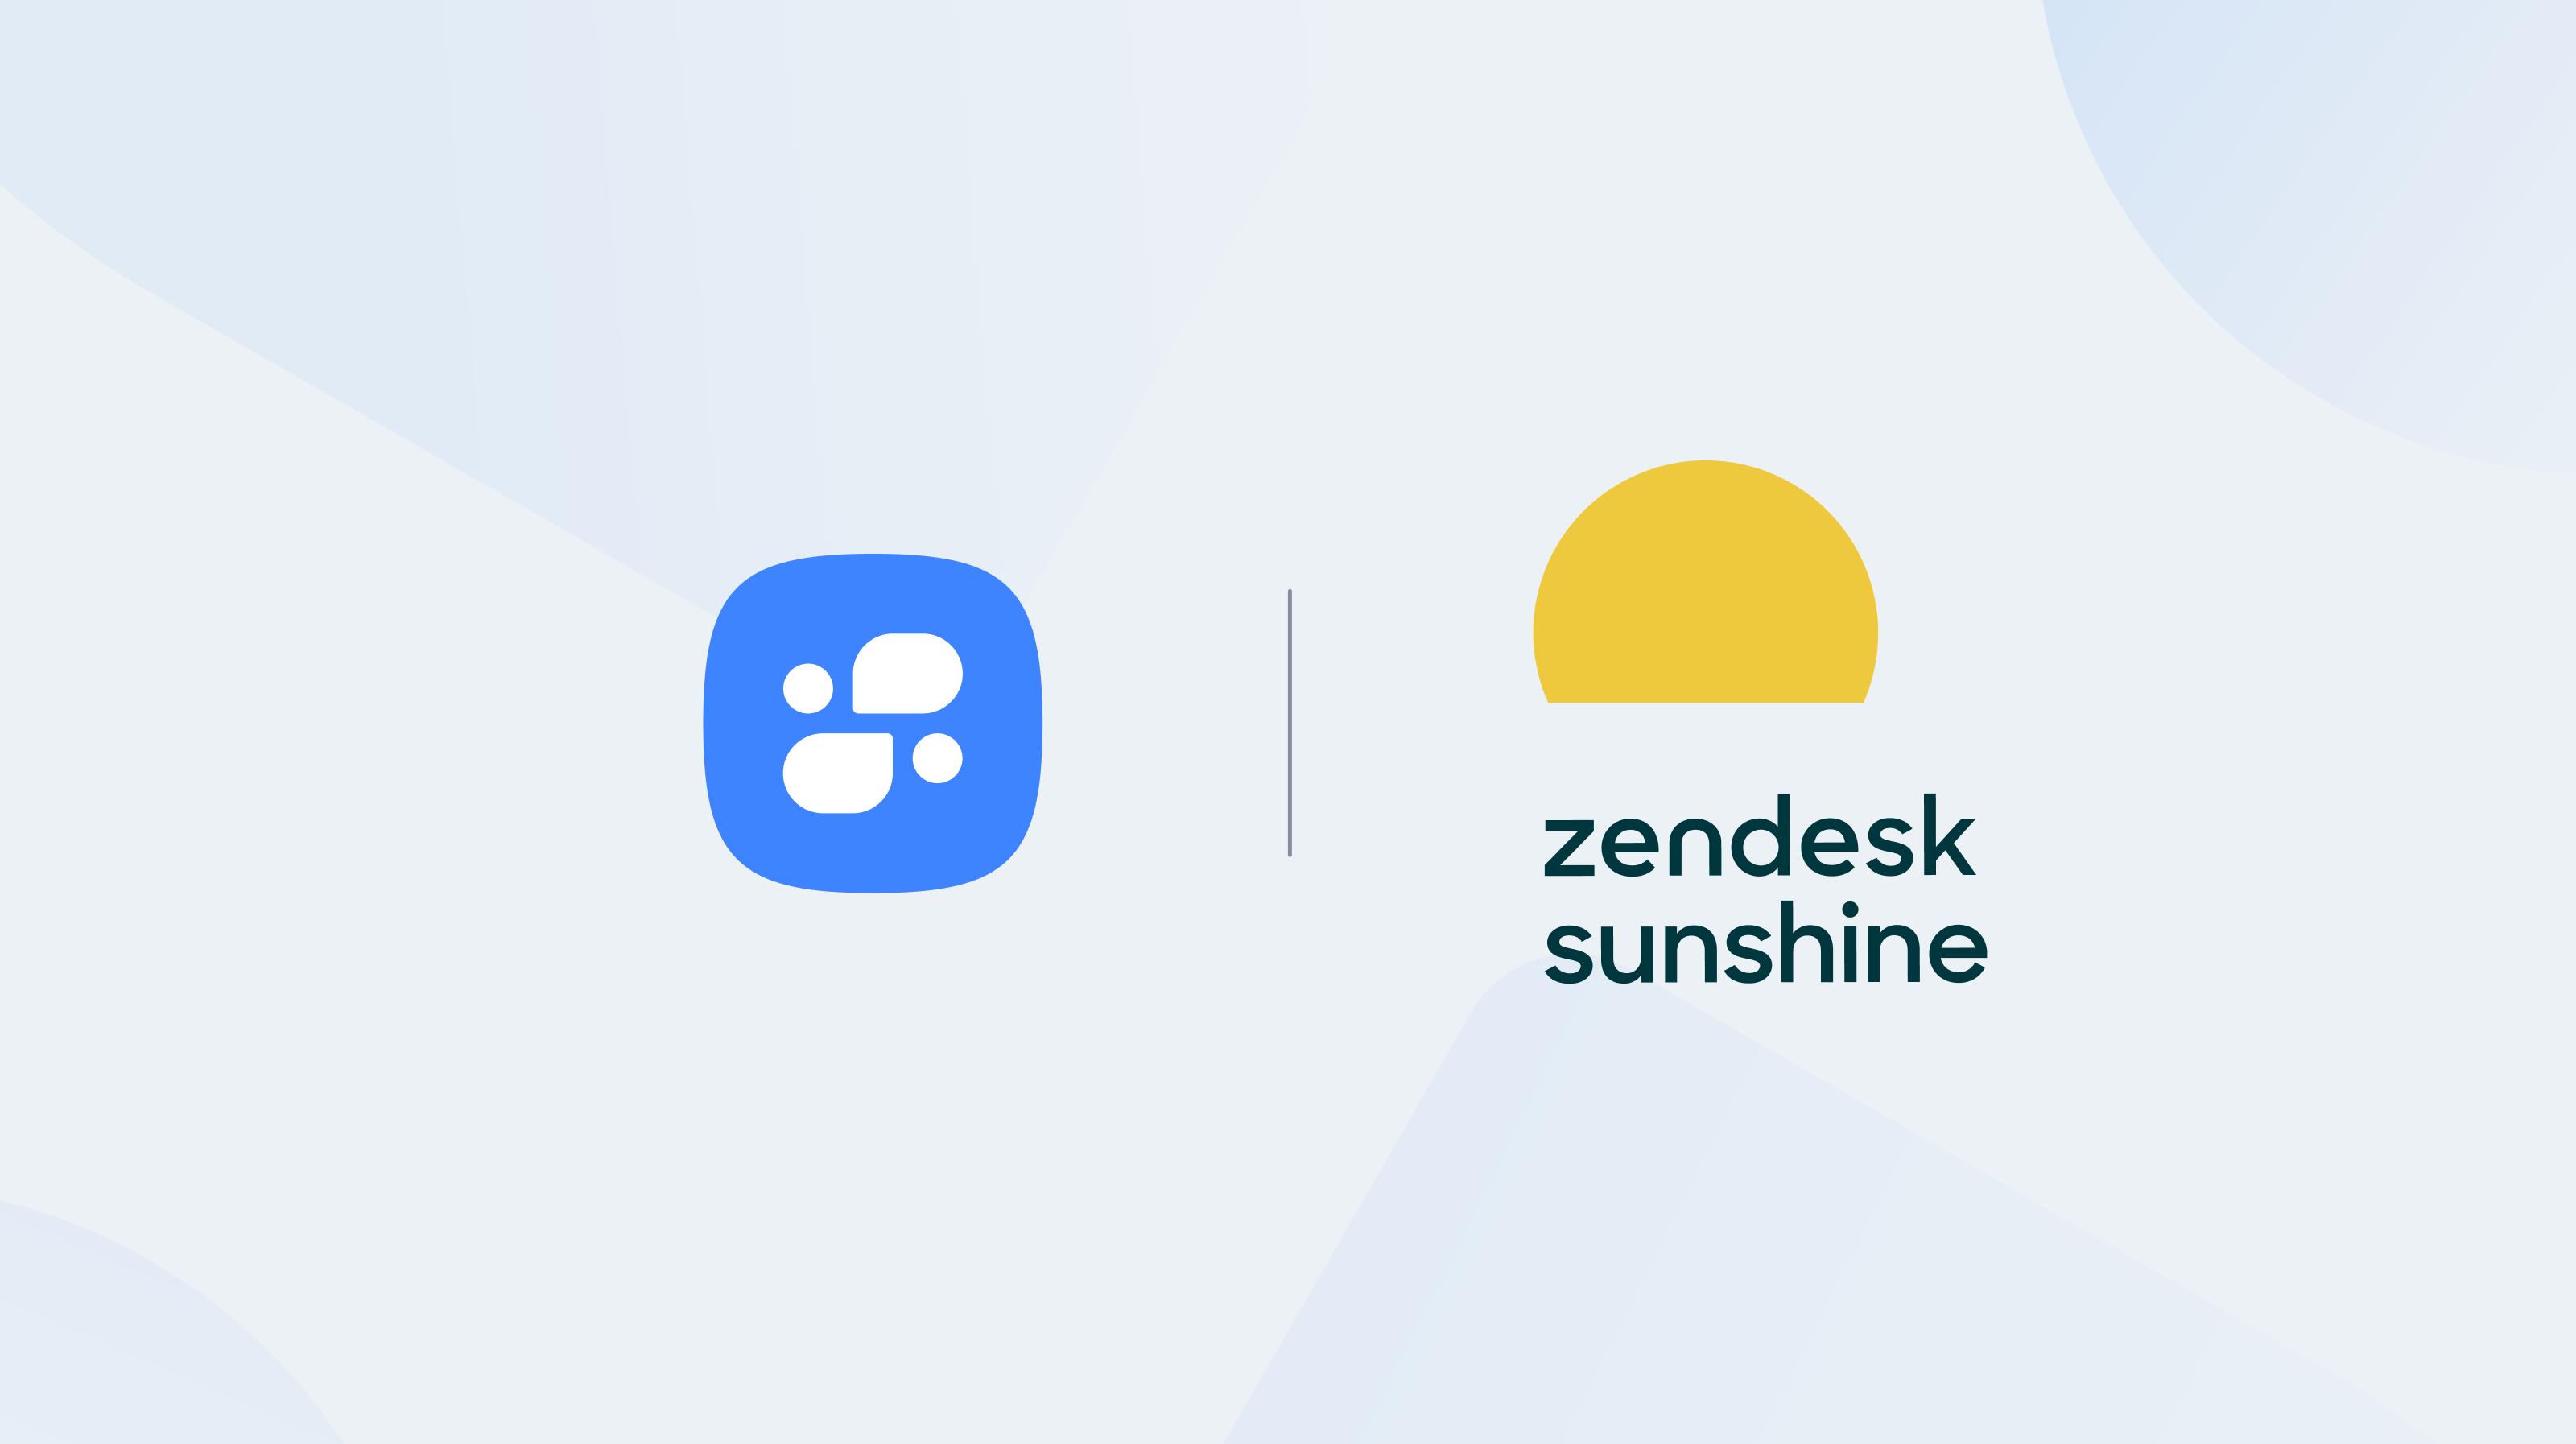 Mindsay + Zendesk Sunshine Logos